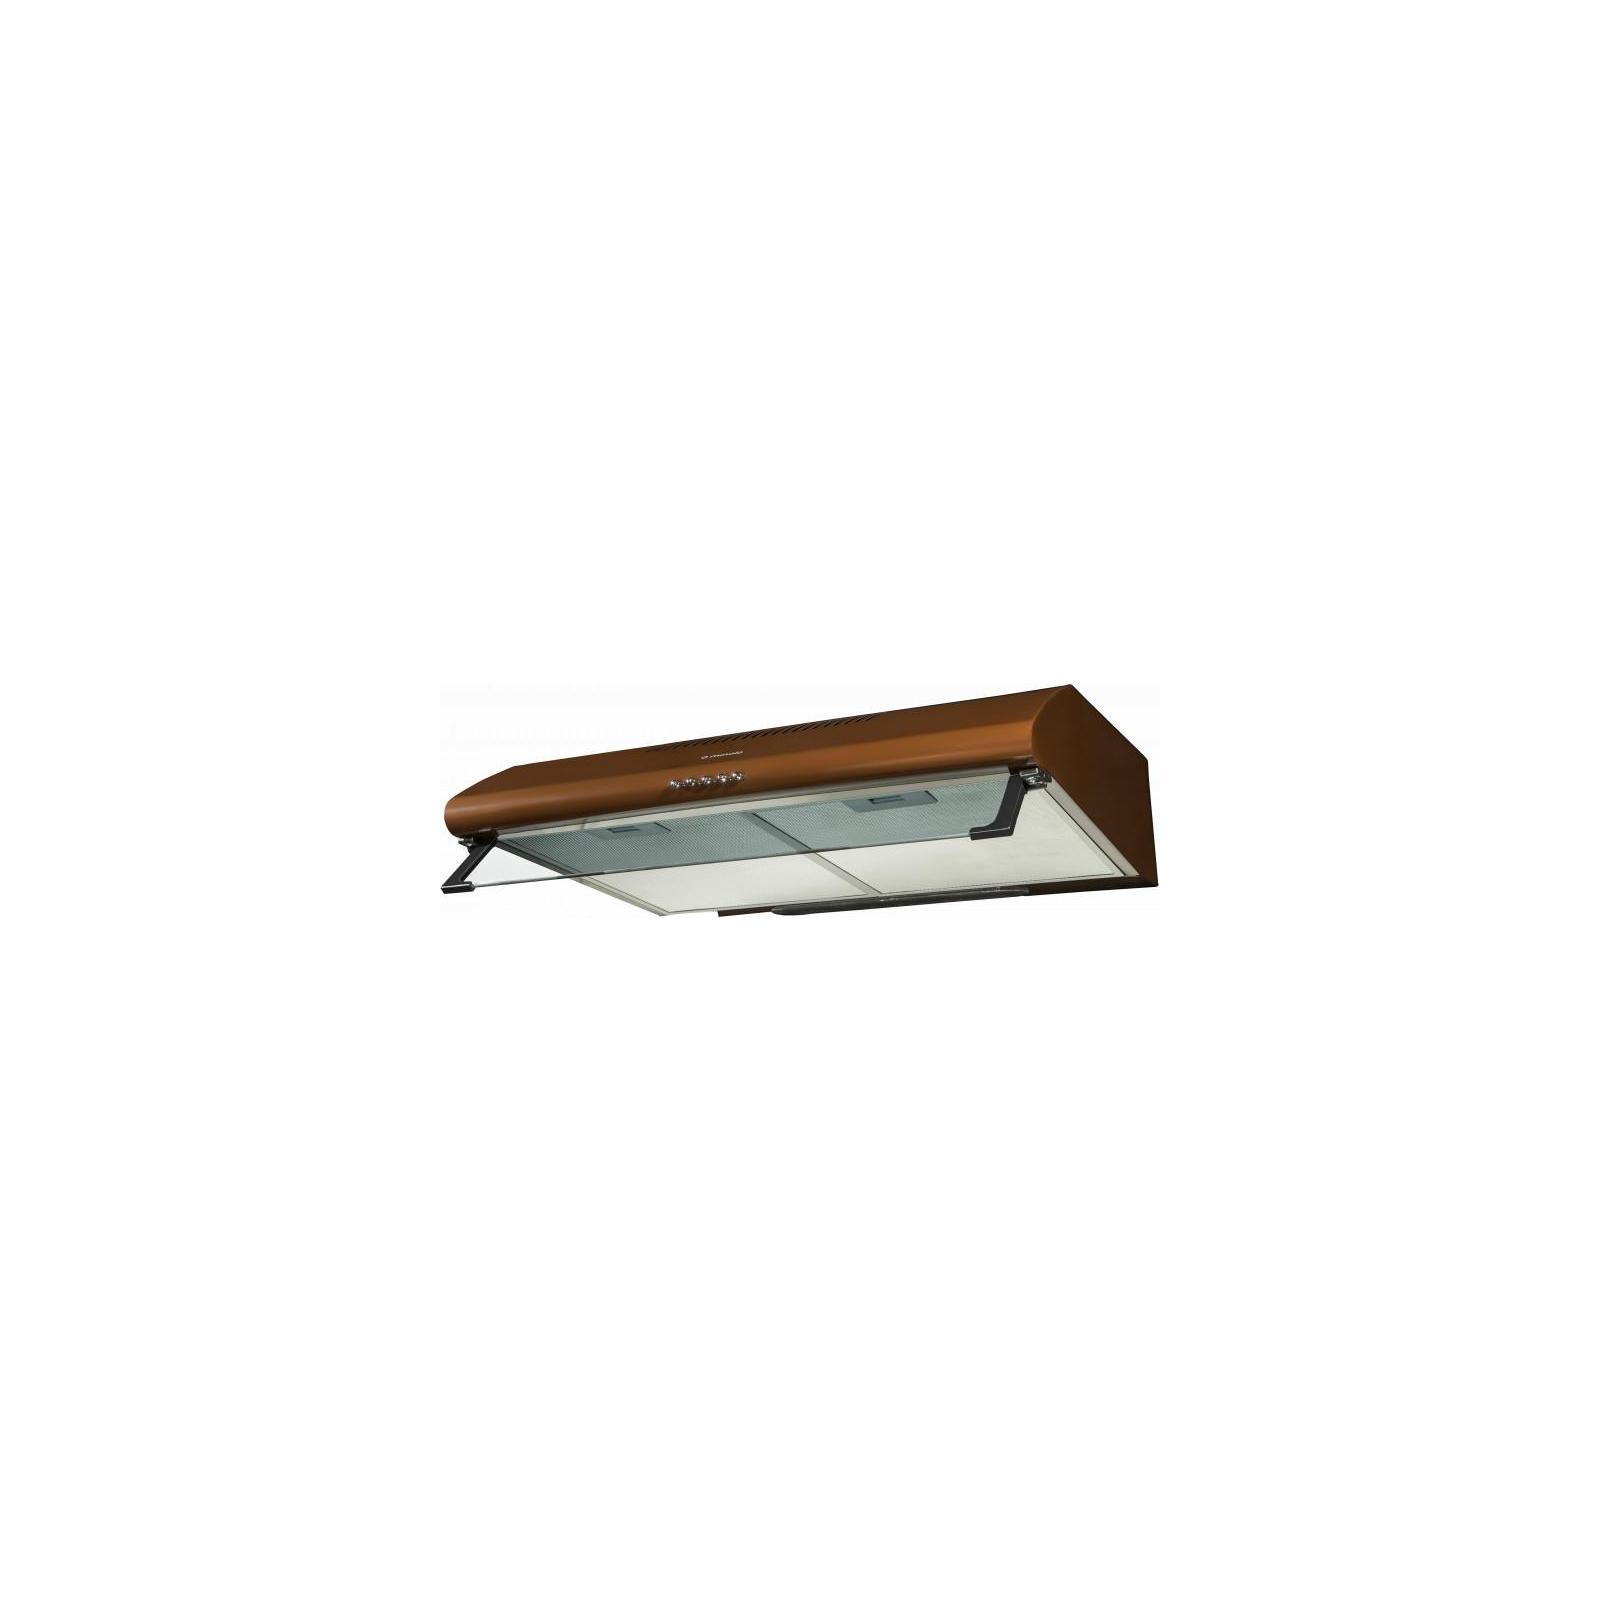 Вытяжка кухонная MINOLA HPL 6140 BR 630 изображение 2